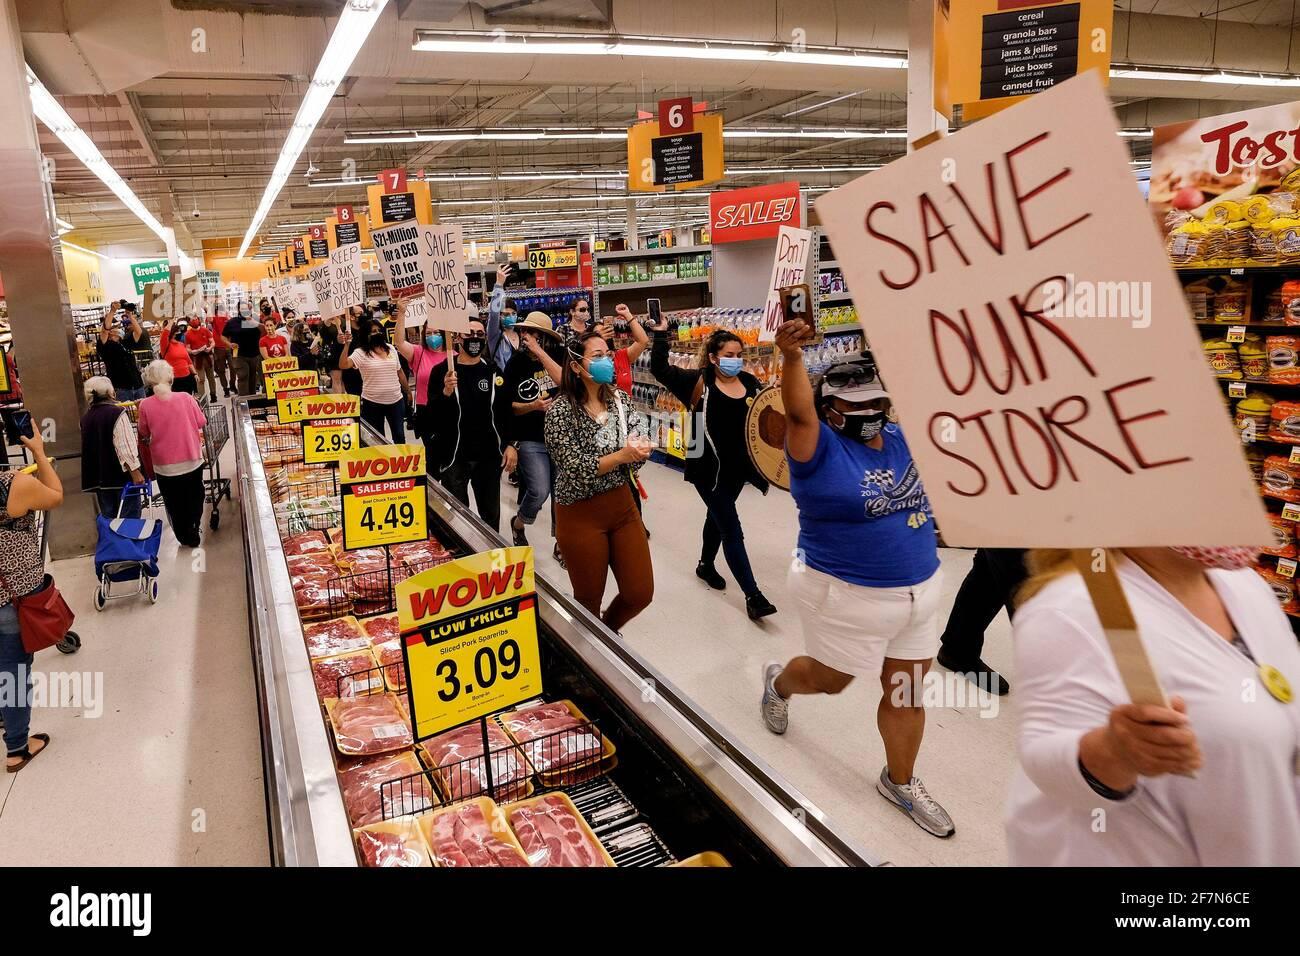 Los Angeles, Californie, États-Unis. 8 avril 2021. Les employés des épiceries de première ligne et leurs partisans qui détiennent des affiches défilent à l'intérieur d'une épicerie de moins de 4 aliments lors d'une démonstration pour appeler la société Kroger à payer les frais temporaires de leurs employés et appeler la société de supermarchés nationale à ne pas fermer ses magasins en représailles aux ordonnances locales qui l'exigent L'augmentation temporaire de la rémunération pendant l'éclosion de la coronavirus (COVID-19). Crédit: Ringo Chiu/ZUMA Wire/Alay Live News Banque D'Images